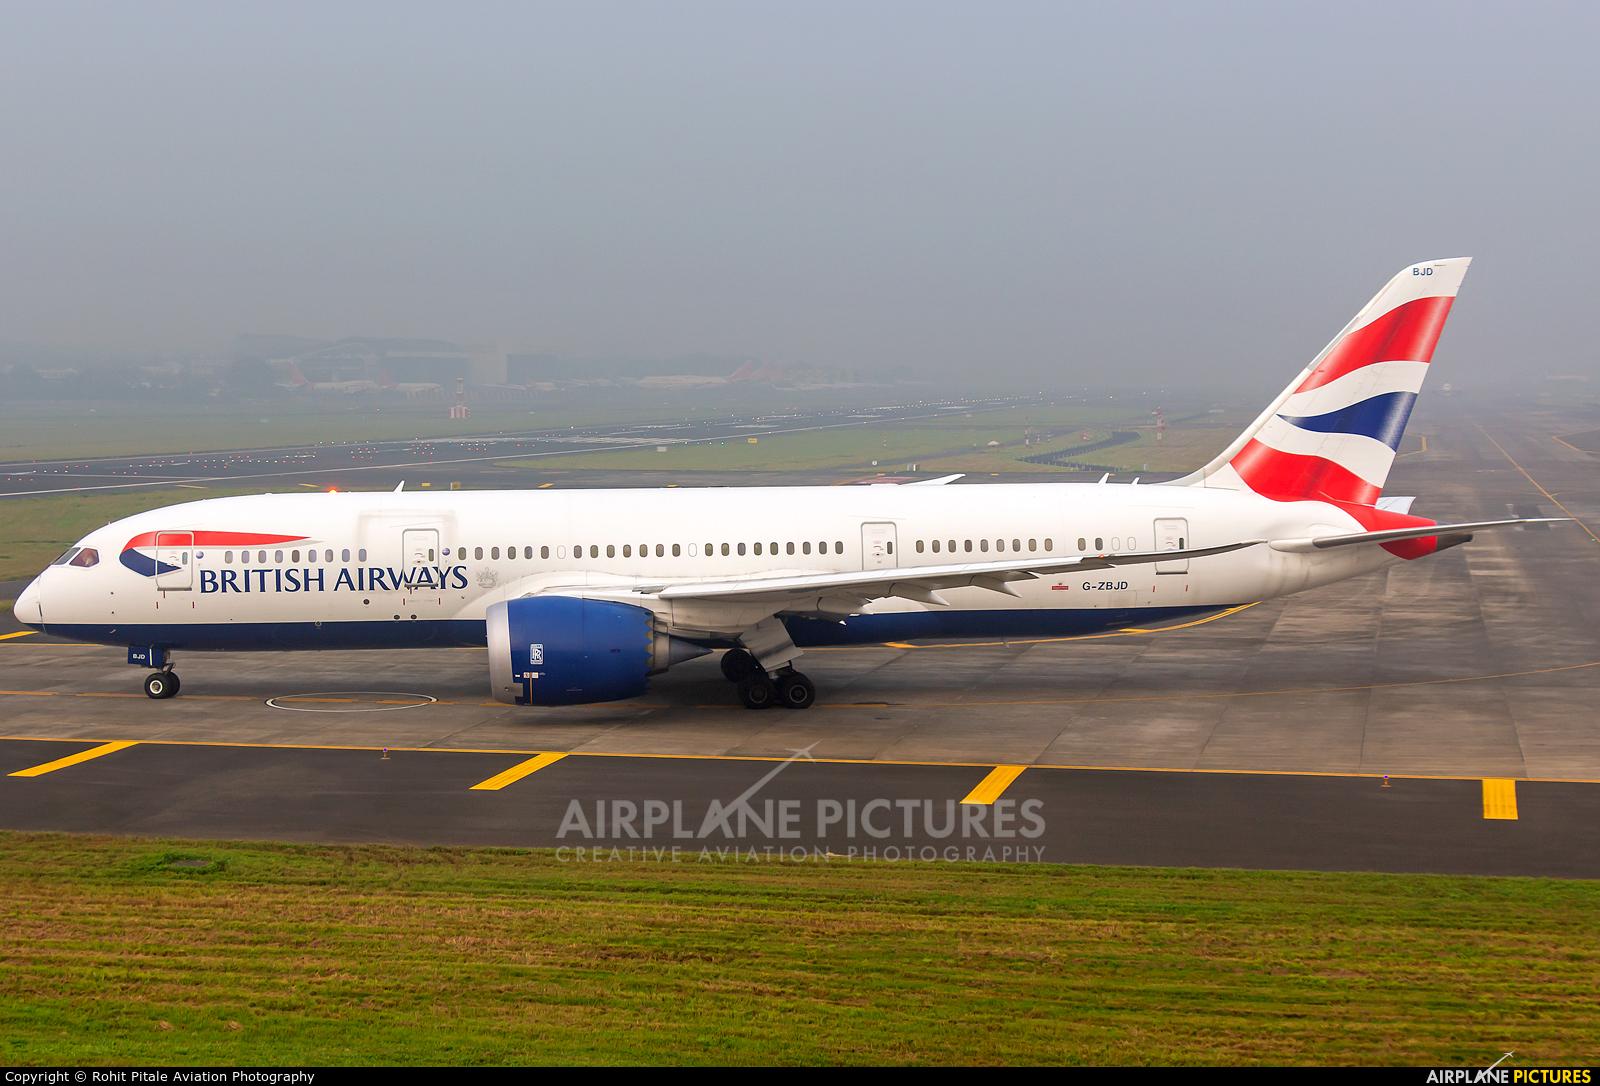 British Airways G-ZBJD aircraft at Mumbai - Chhatrapati Shivaji Intl